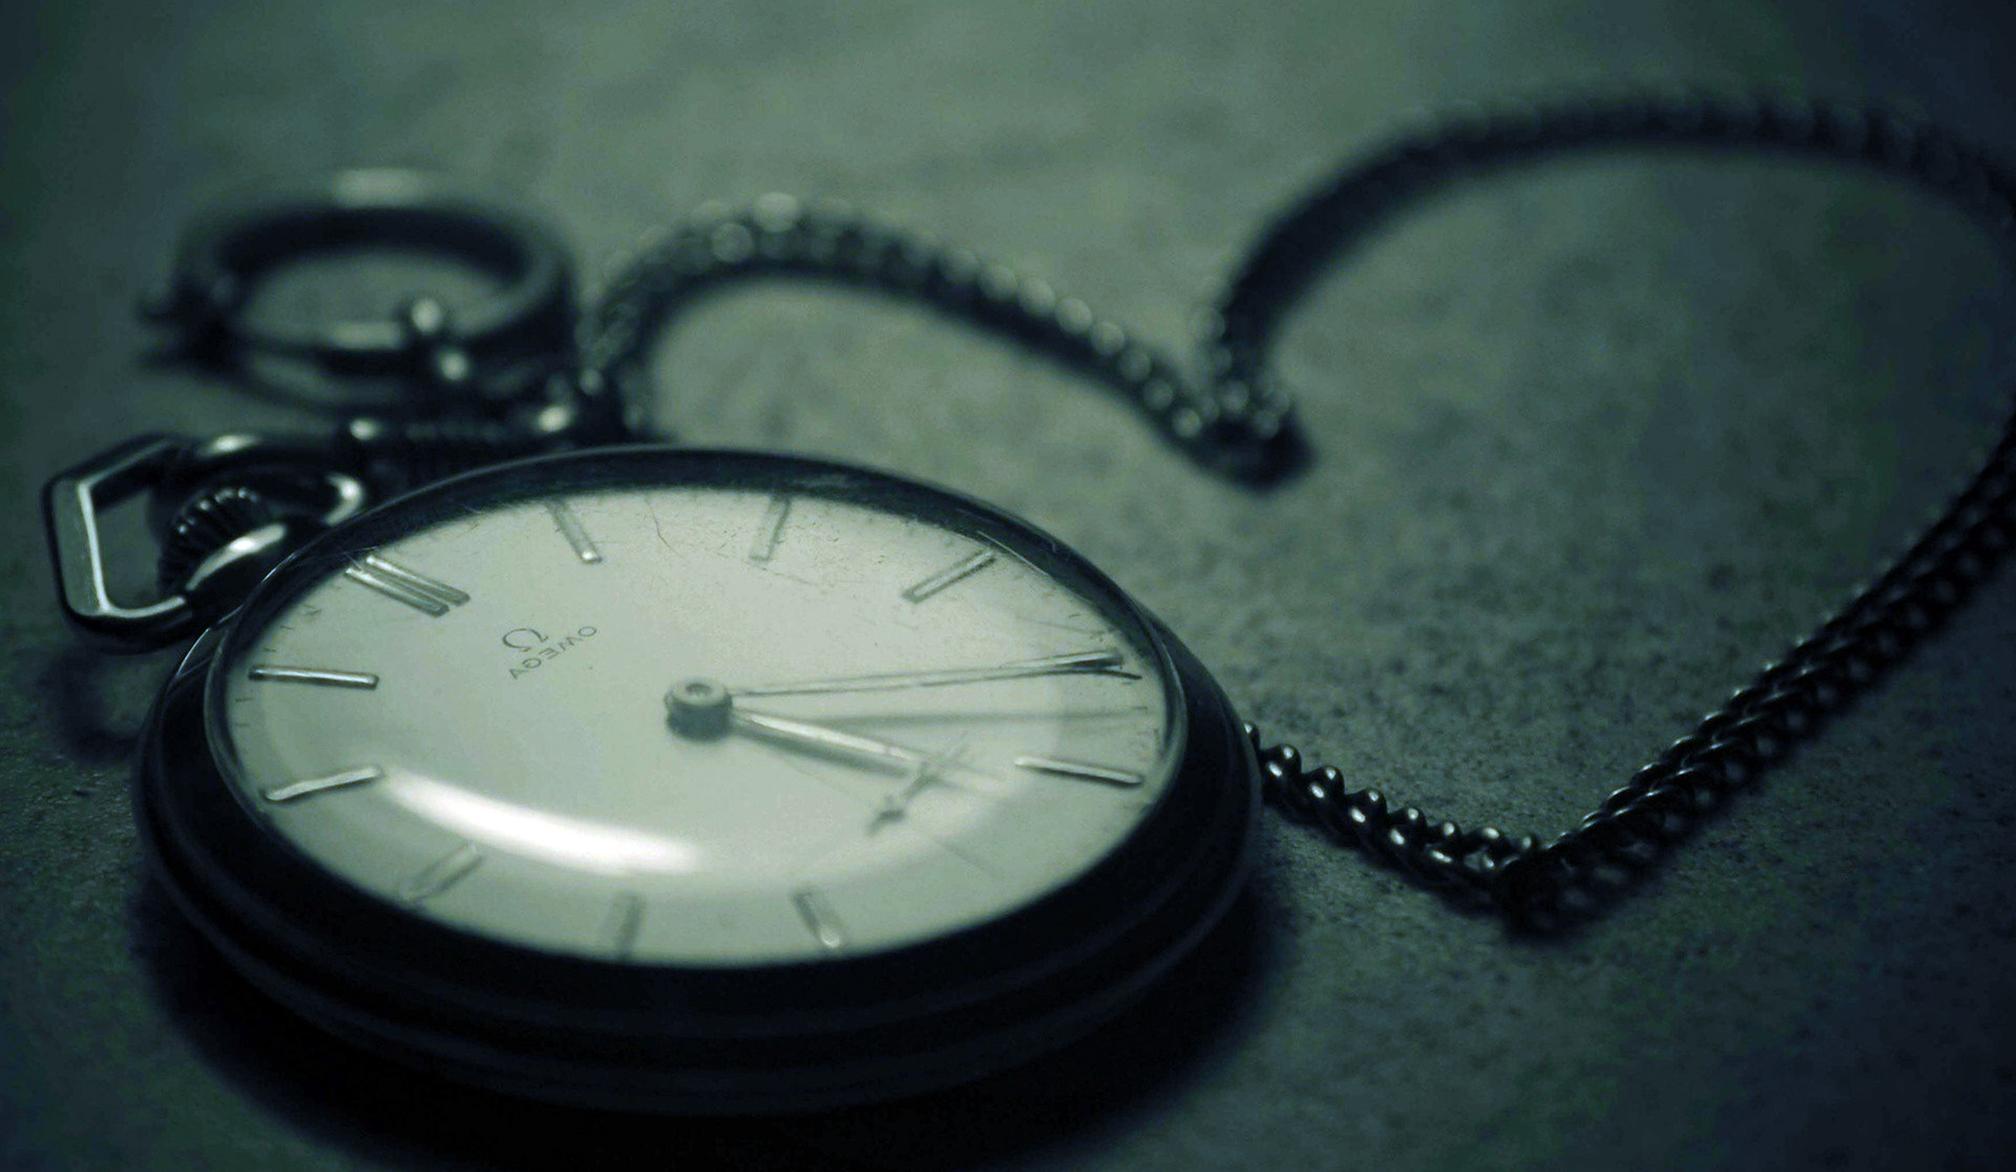 Wallpaper : watch, circle, bokeh, chain